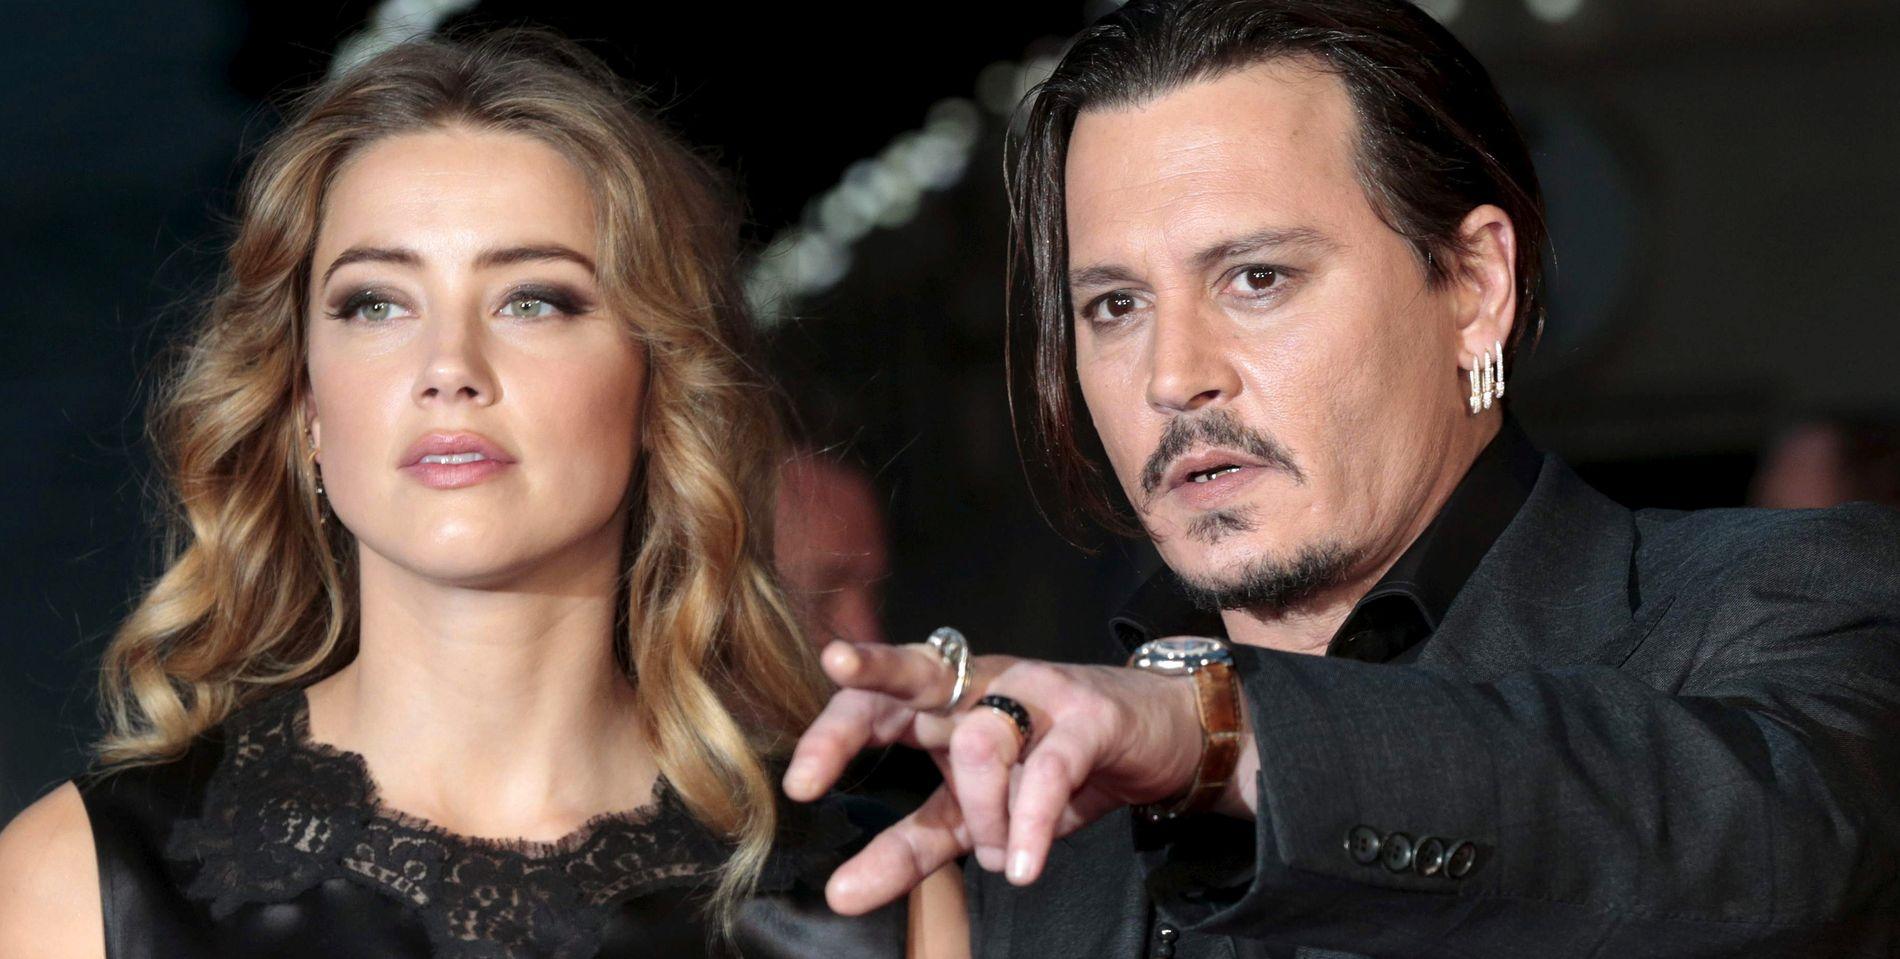 ANMELDER EKSKONA: Johnny Depp anmelder ekskona Amber Heard for mishandlingen. Hun har selv anmeldt ham for det samme tidligere.